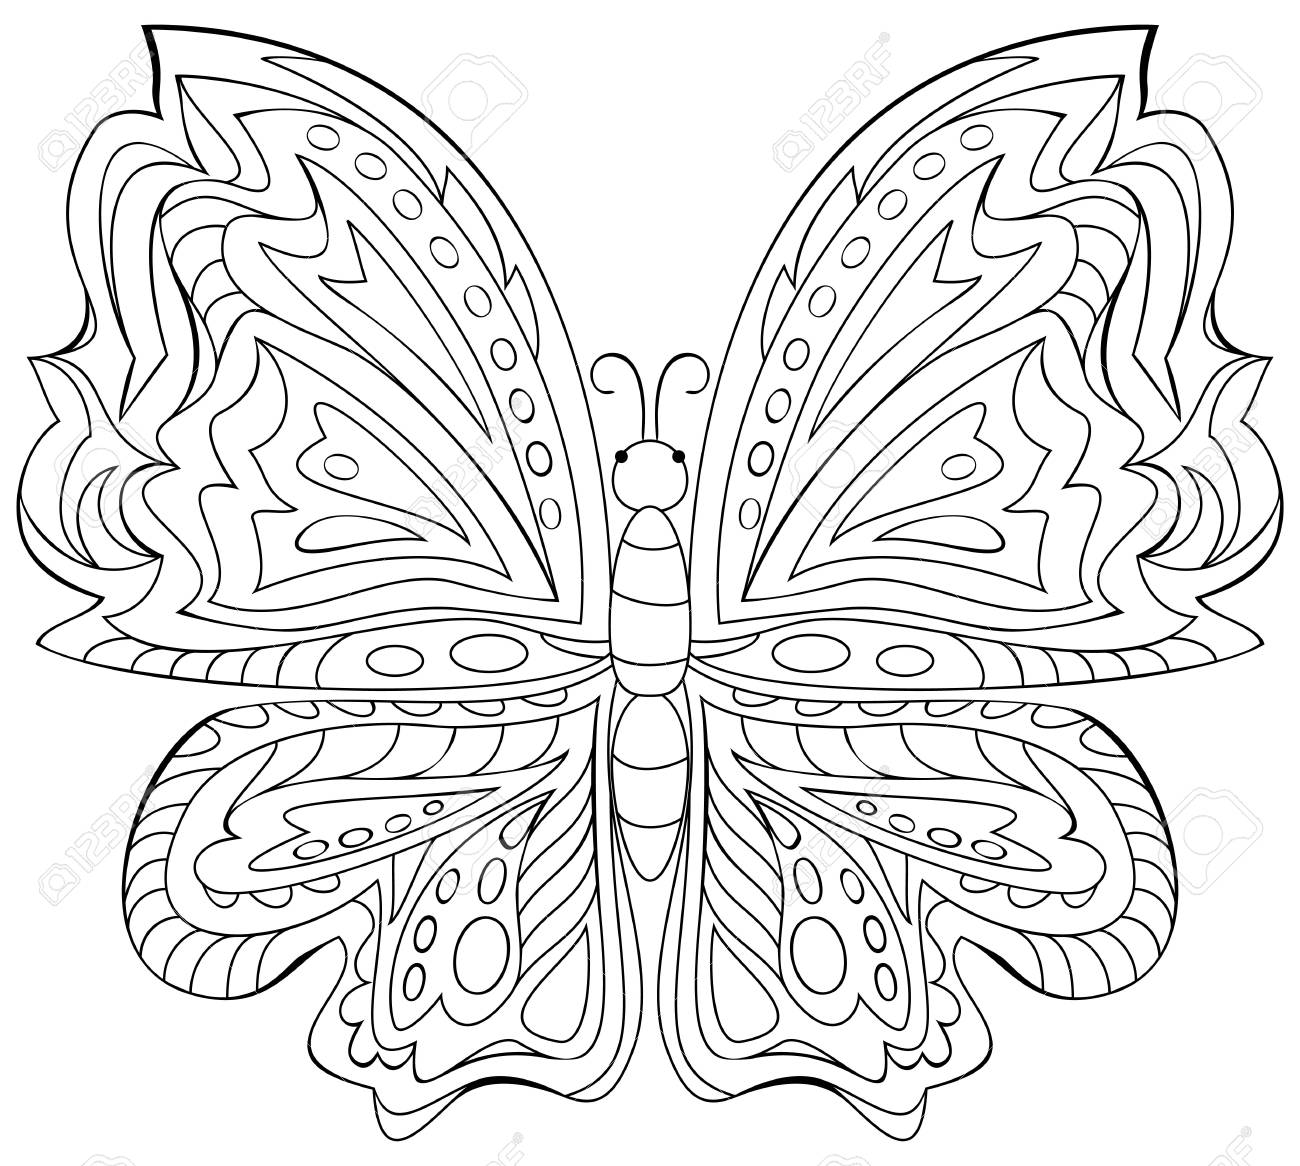 Schwarz-Weiß-Darstellung Der Schmetterling Zum Ausmalen. Entwicklung ...